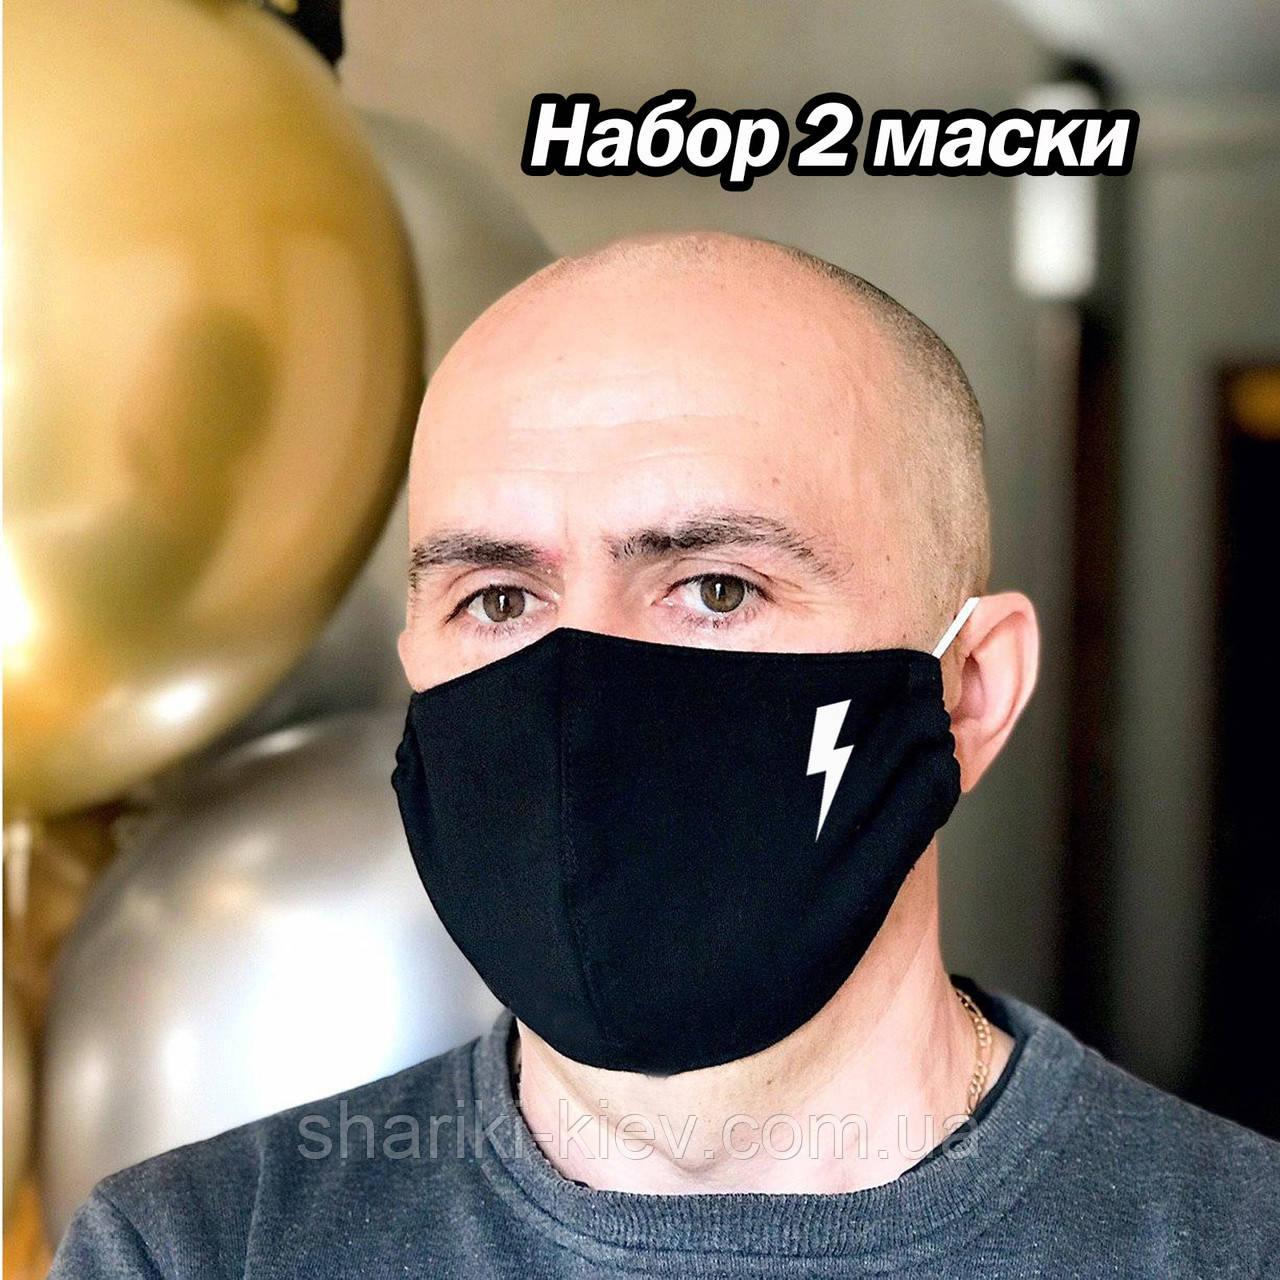 Маска на лицо защитная многоразовая набор 2 штуки с принтом Молния черная Хлопок